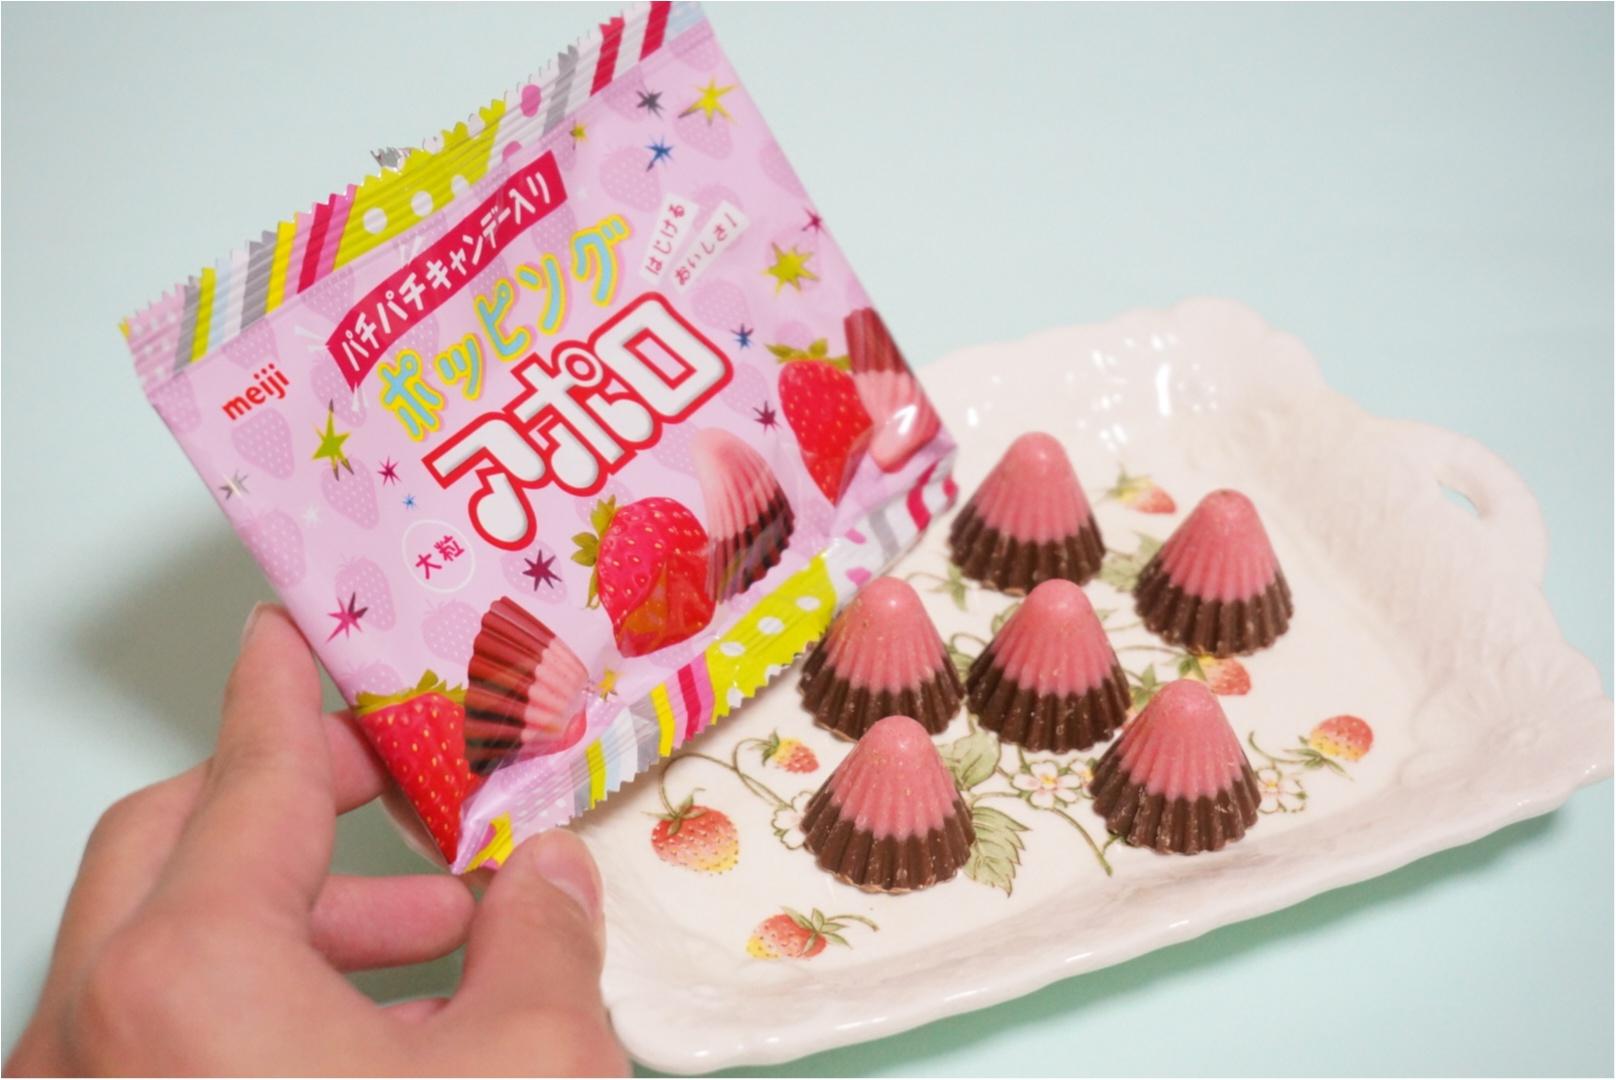 【明治アポロチョコレート】新商品はパチパチはじける大粒アポロ♡_3